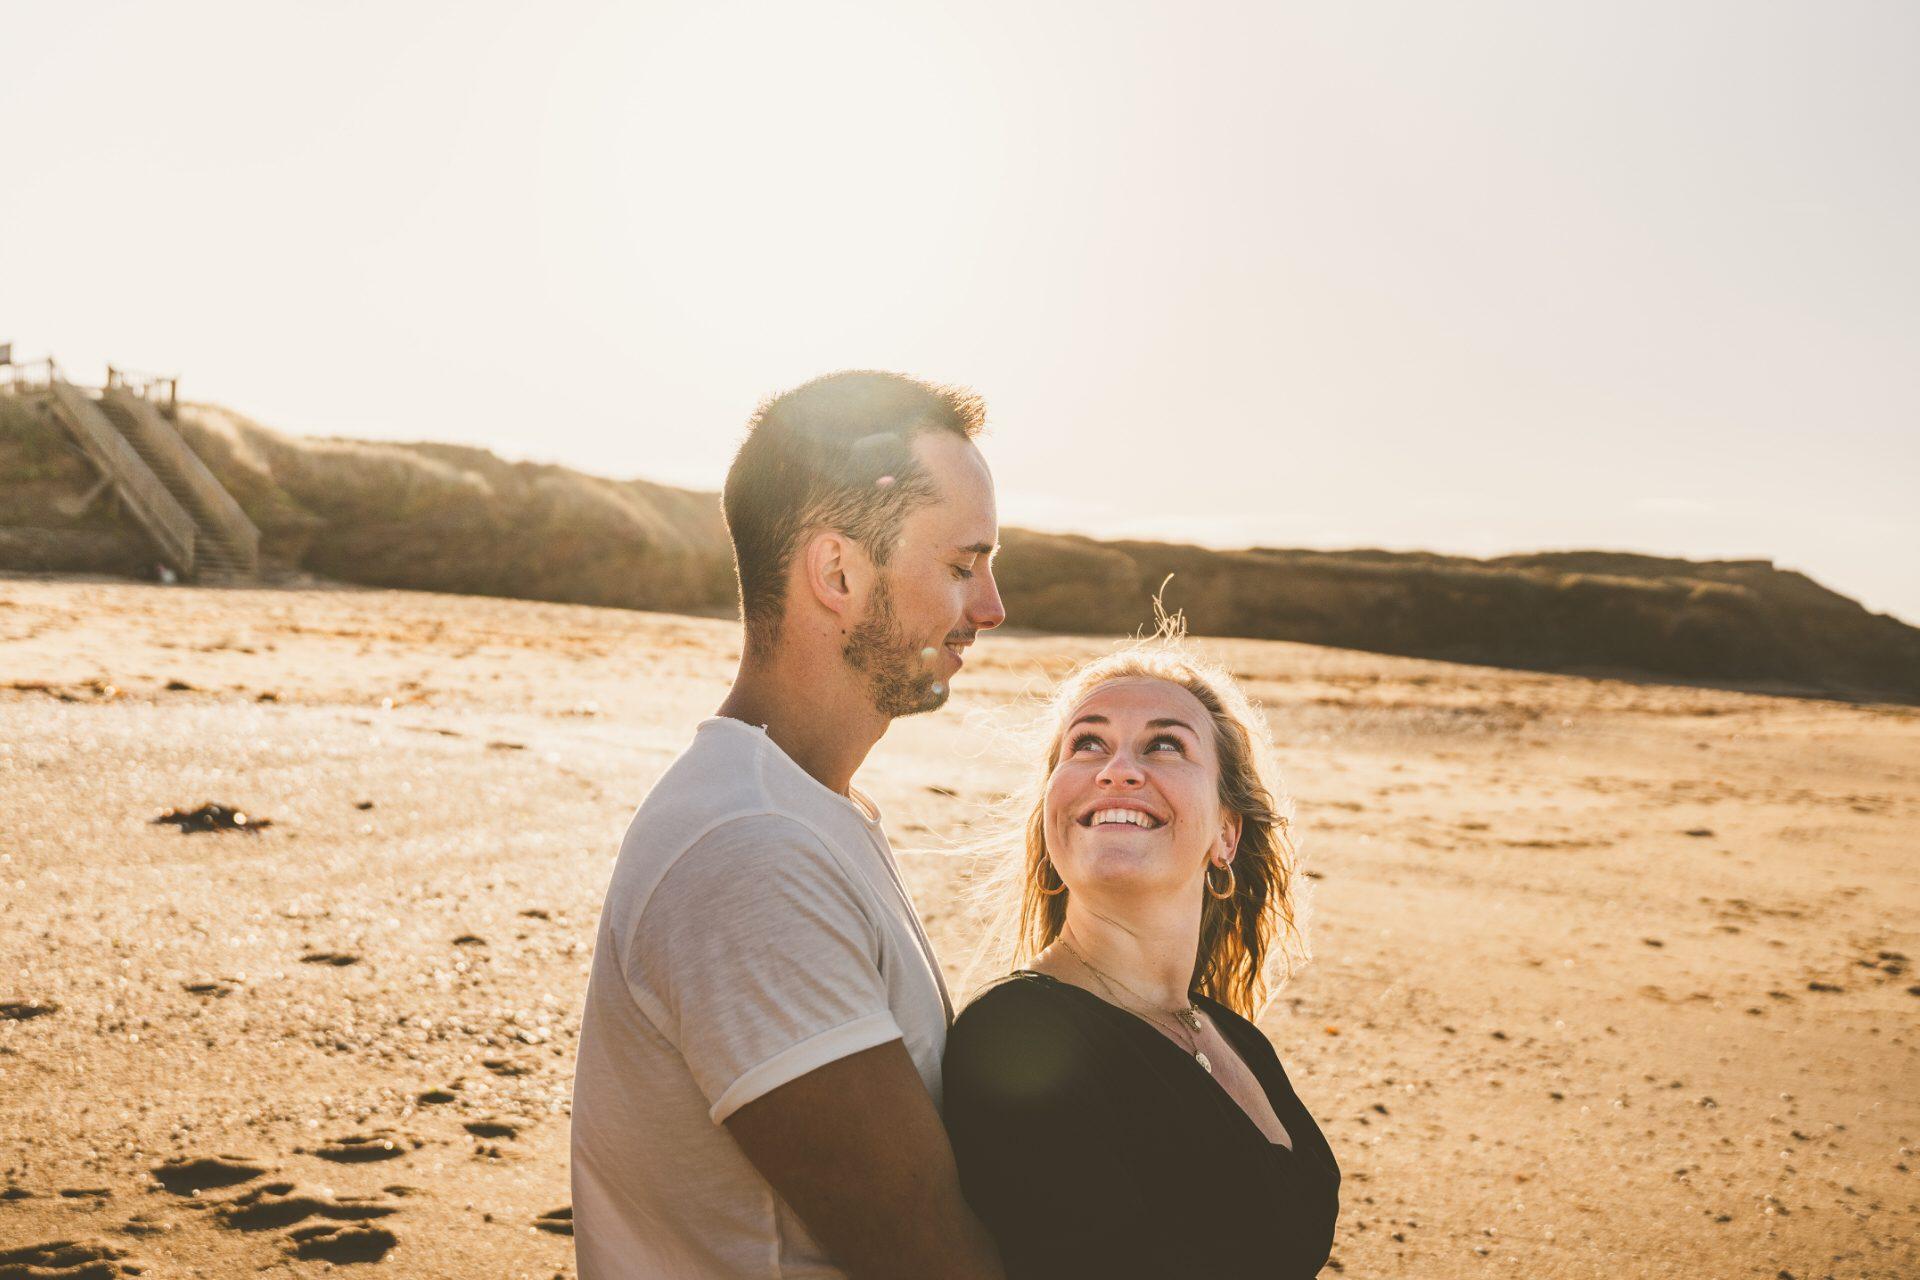 ©Tony esnault-LBST - Balade en amoureux sur la plage à Lorient Bretagne Sud